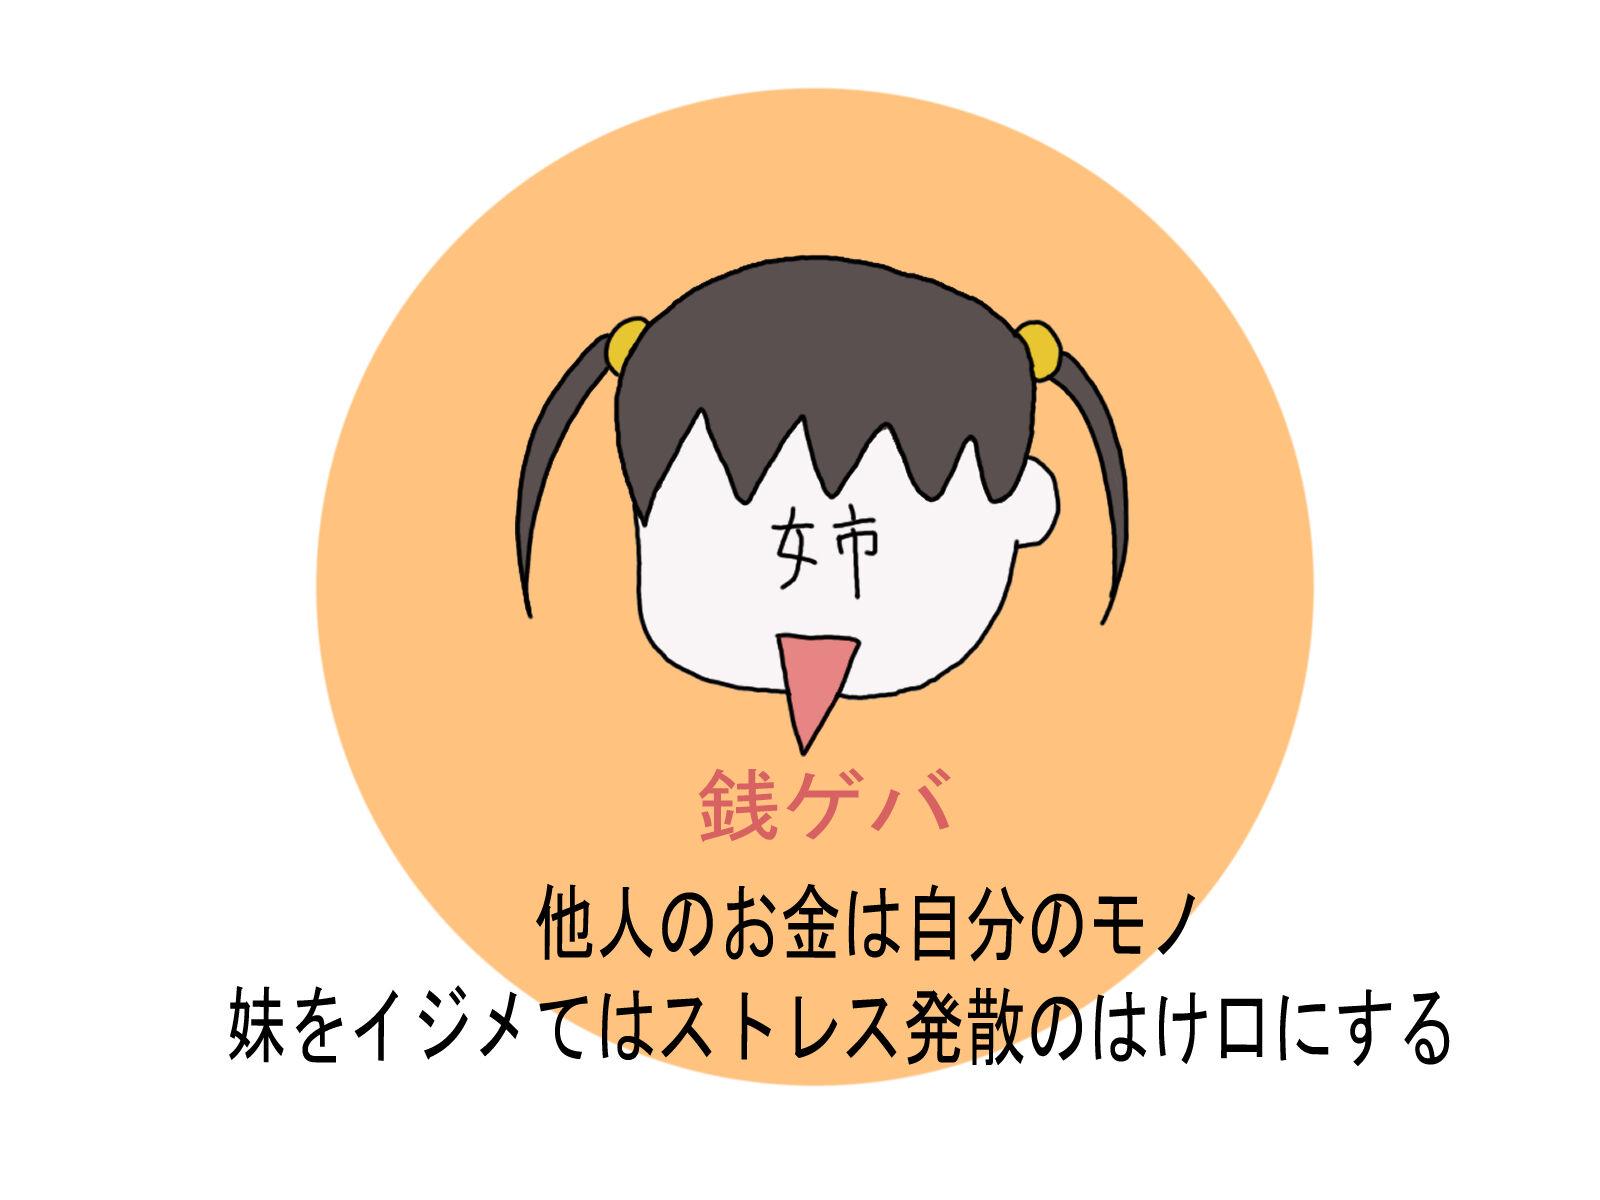 人物紹介 姉